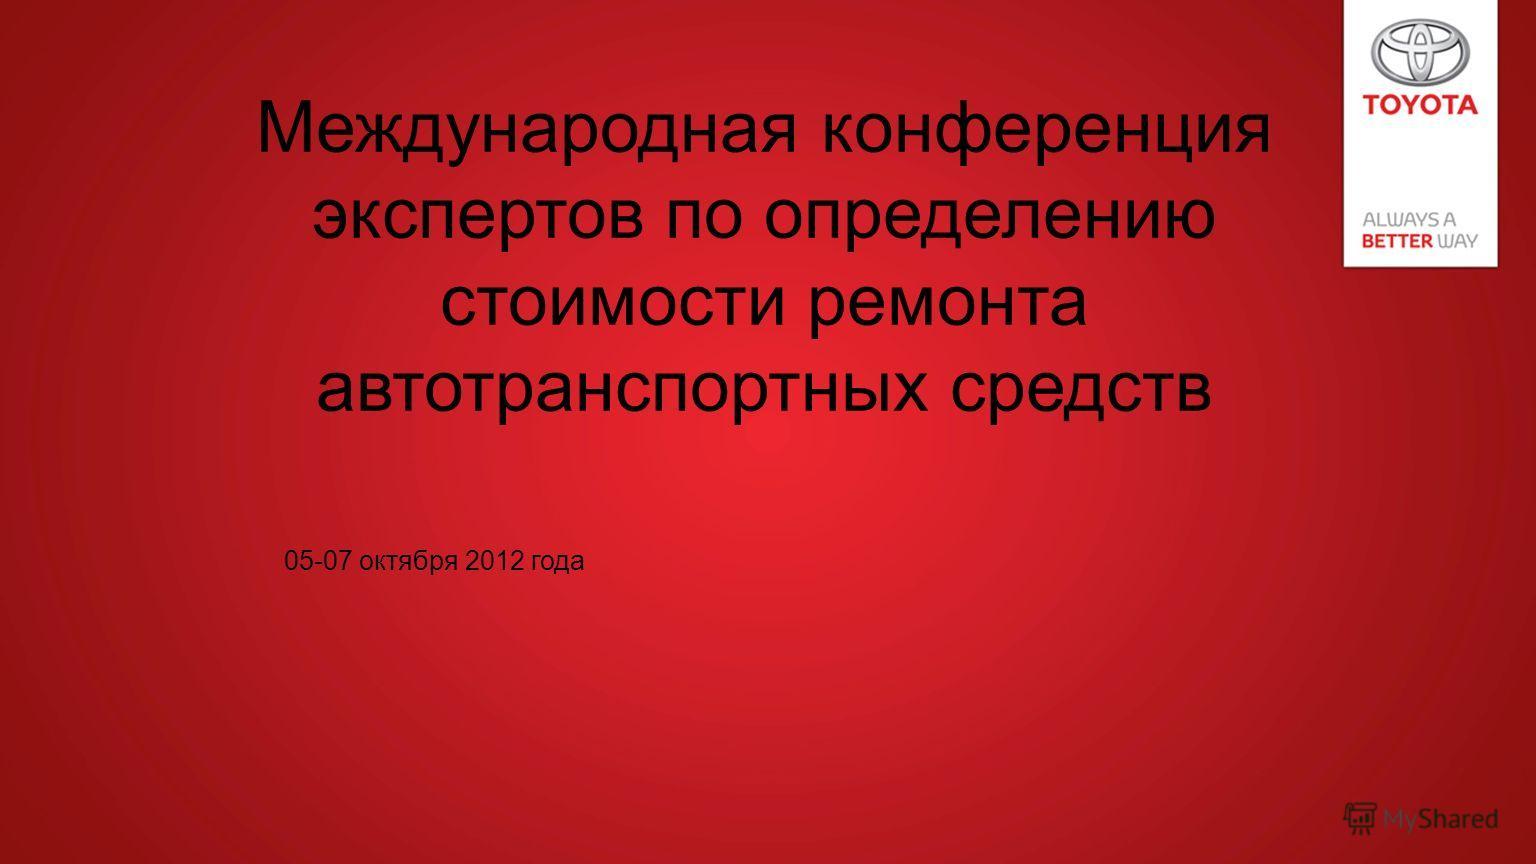 12/9/20131 Международная конференция экспертов по определению стоимости ремонта автотранспортных средств 05-07 октября 2012 года